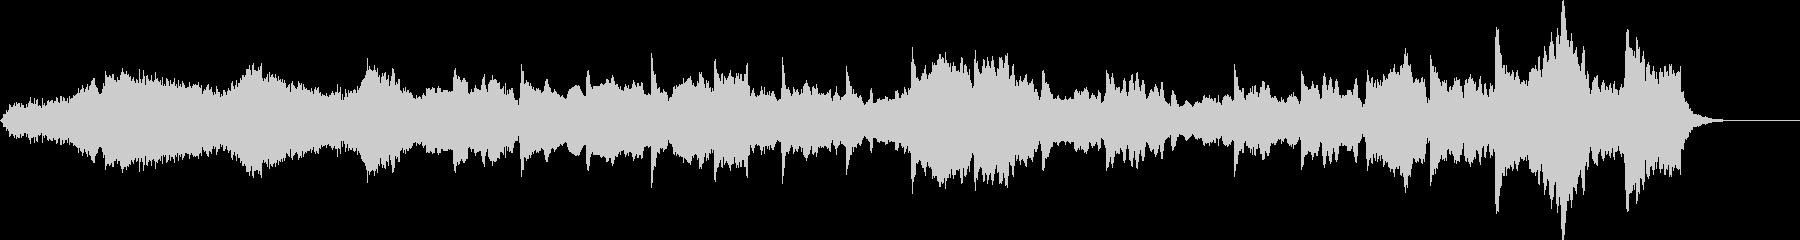 ピアノと弦でやや切ないサスペンスの未再生の波形